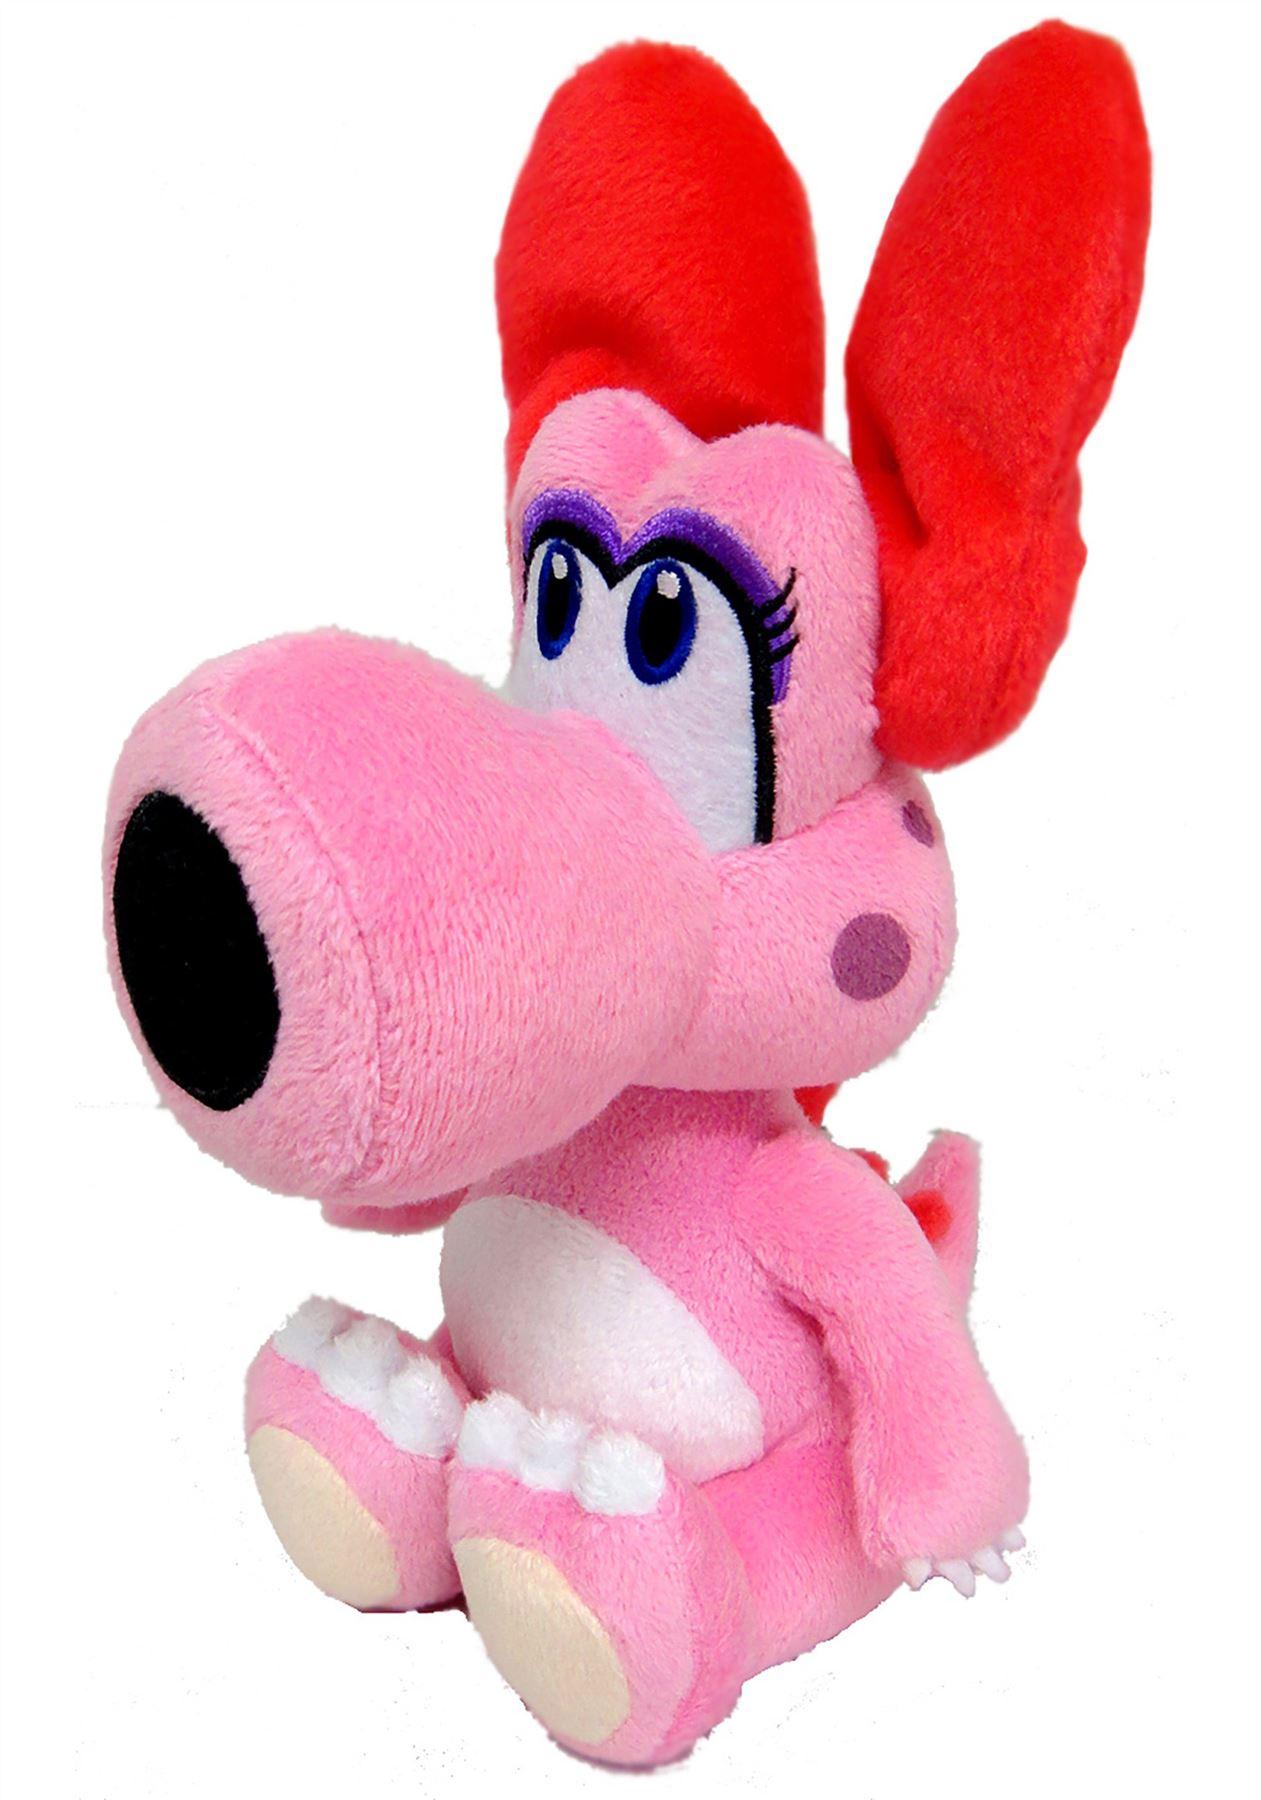 yoshi plush template - super mario birdo plush toy 6 nintendo soft figure